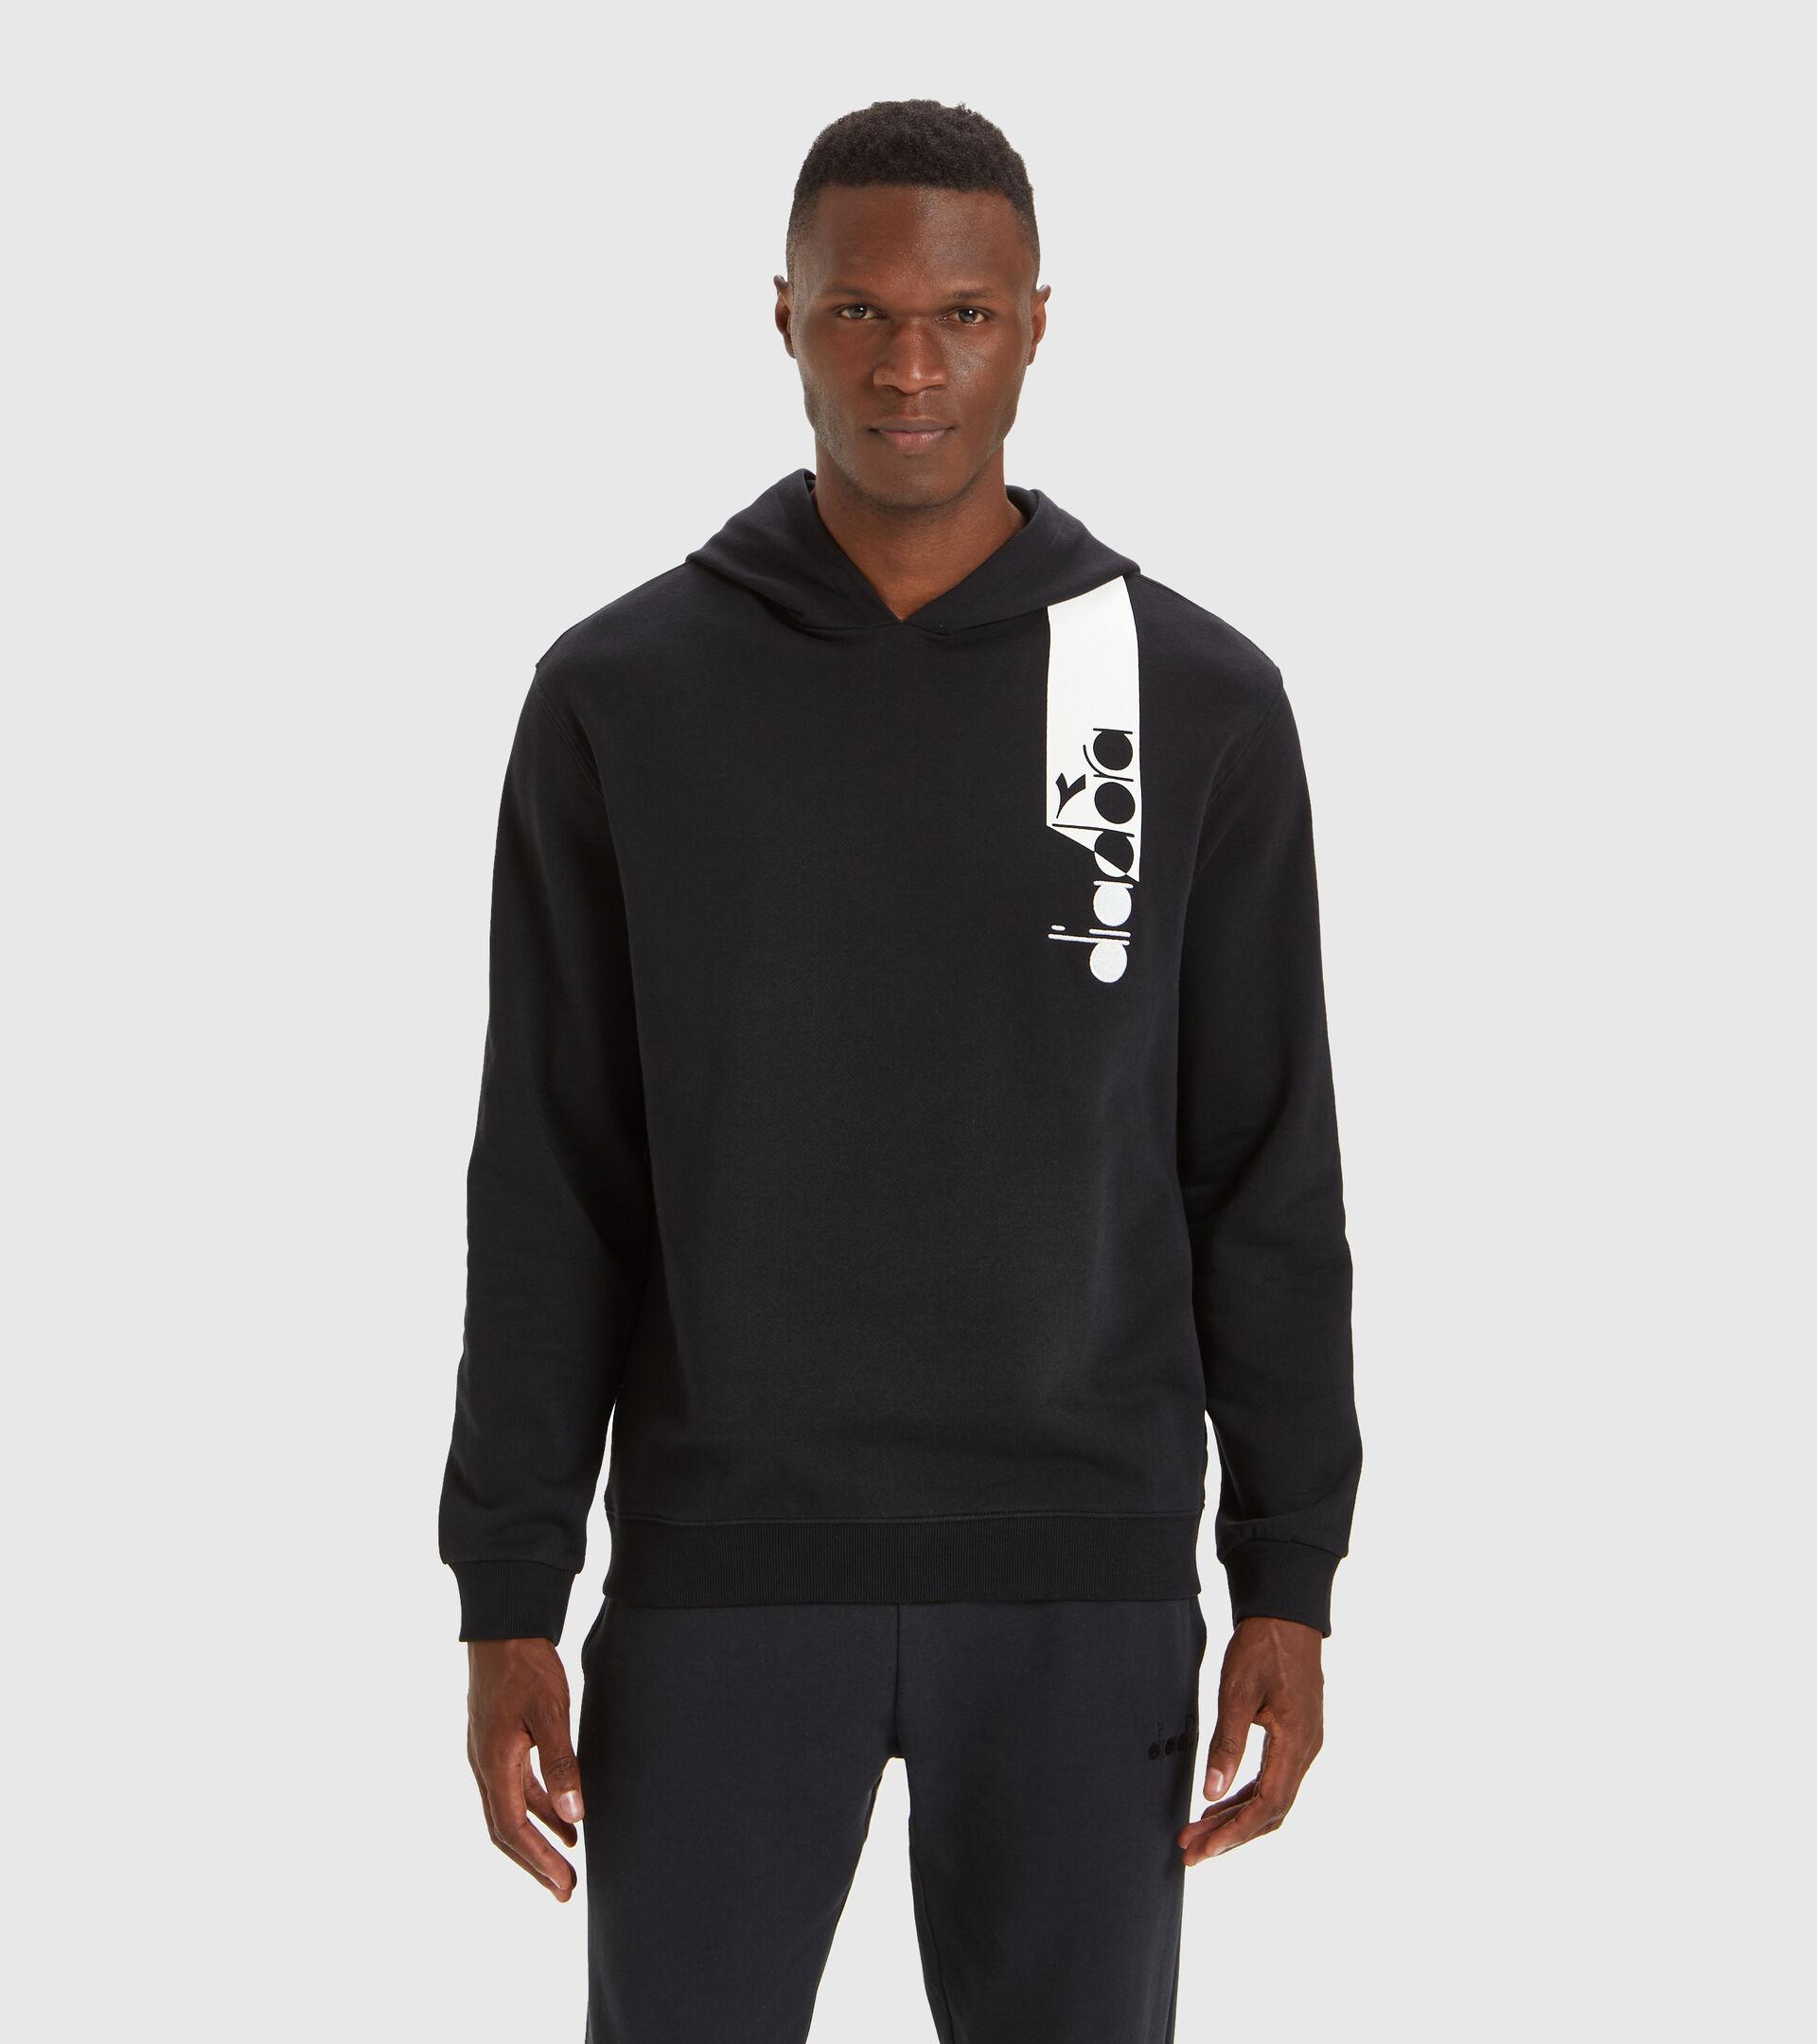 Apparel Sportswear UOMO HOODIE ICON HIERRO NUEVE/BLANCO/AZUL FLUO Diadora